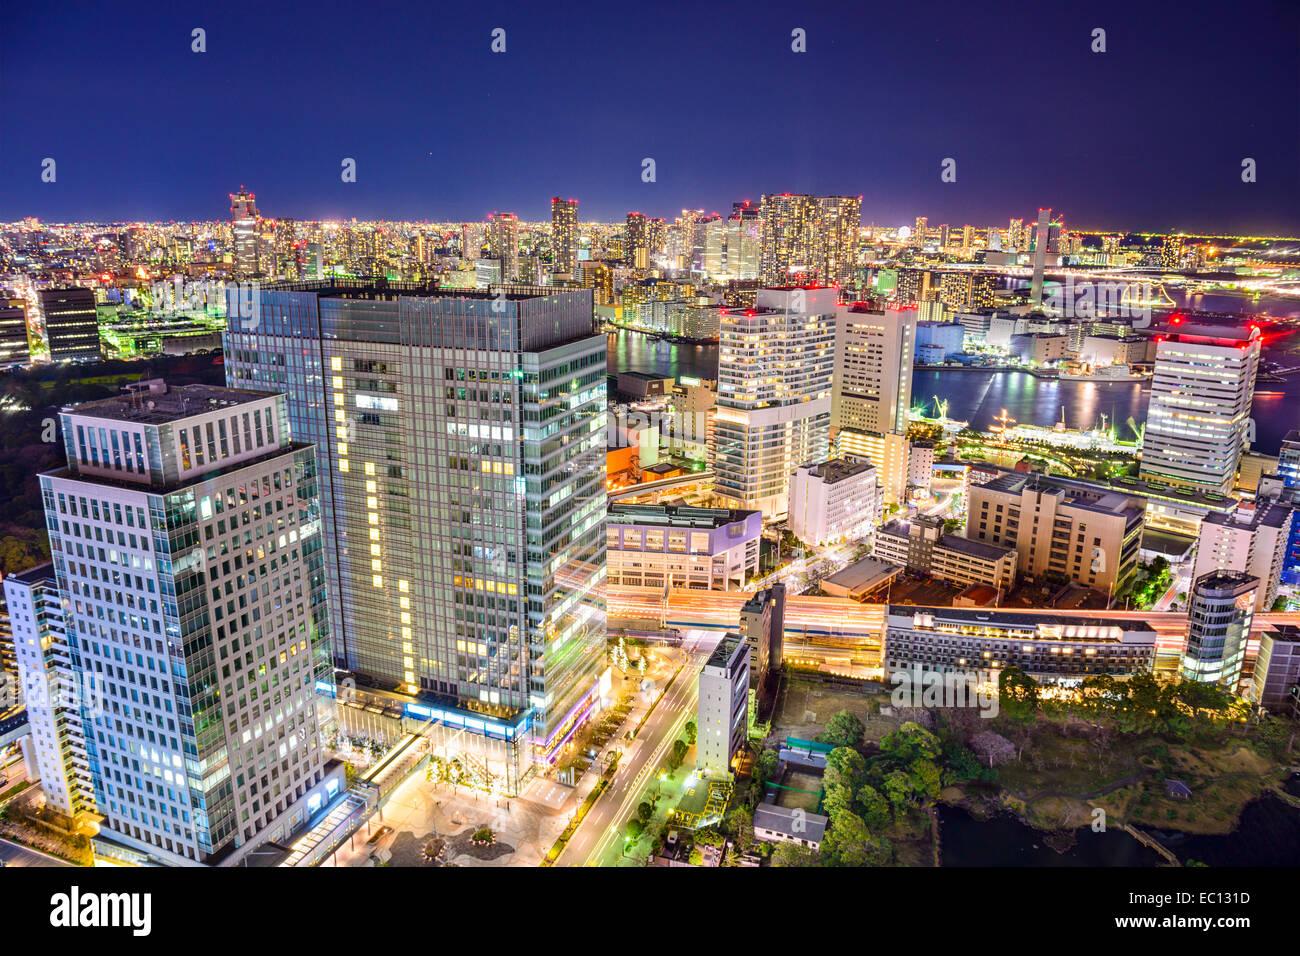 Tokio, Japón, el paisaje urbano de noche. Imagen De Stock